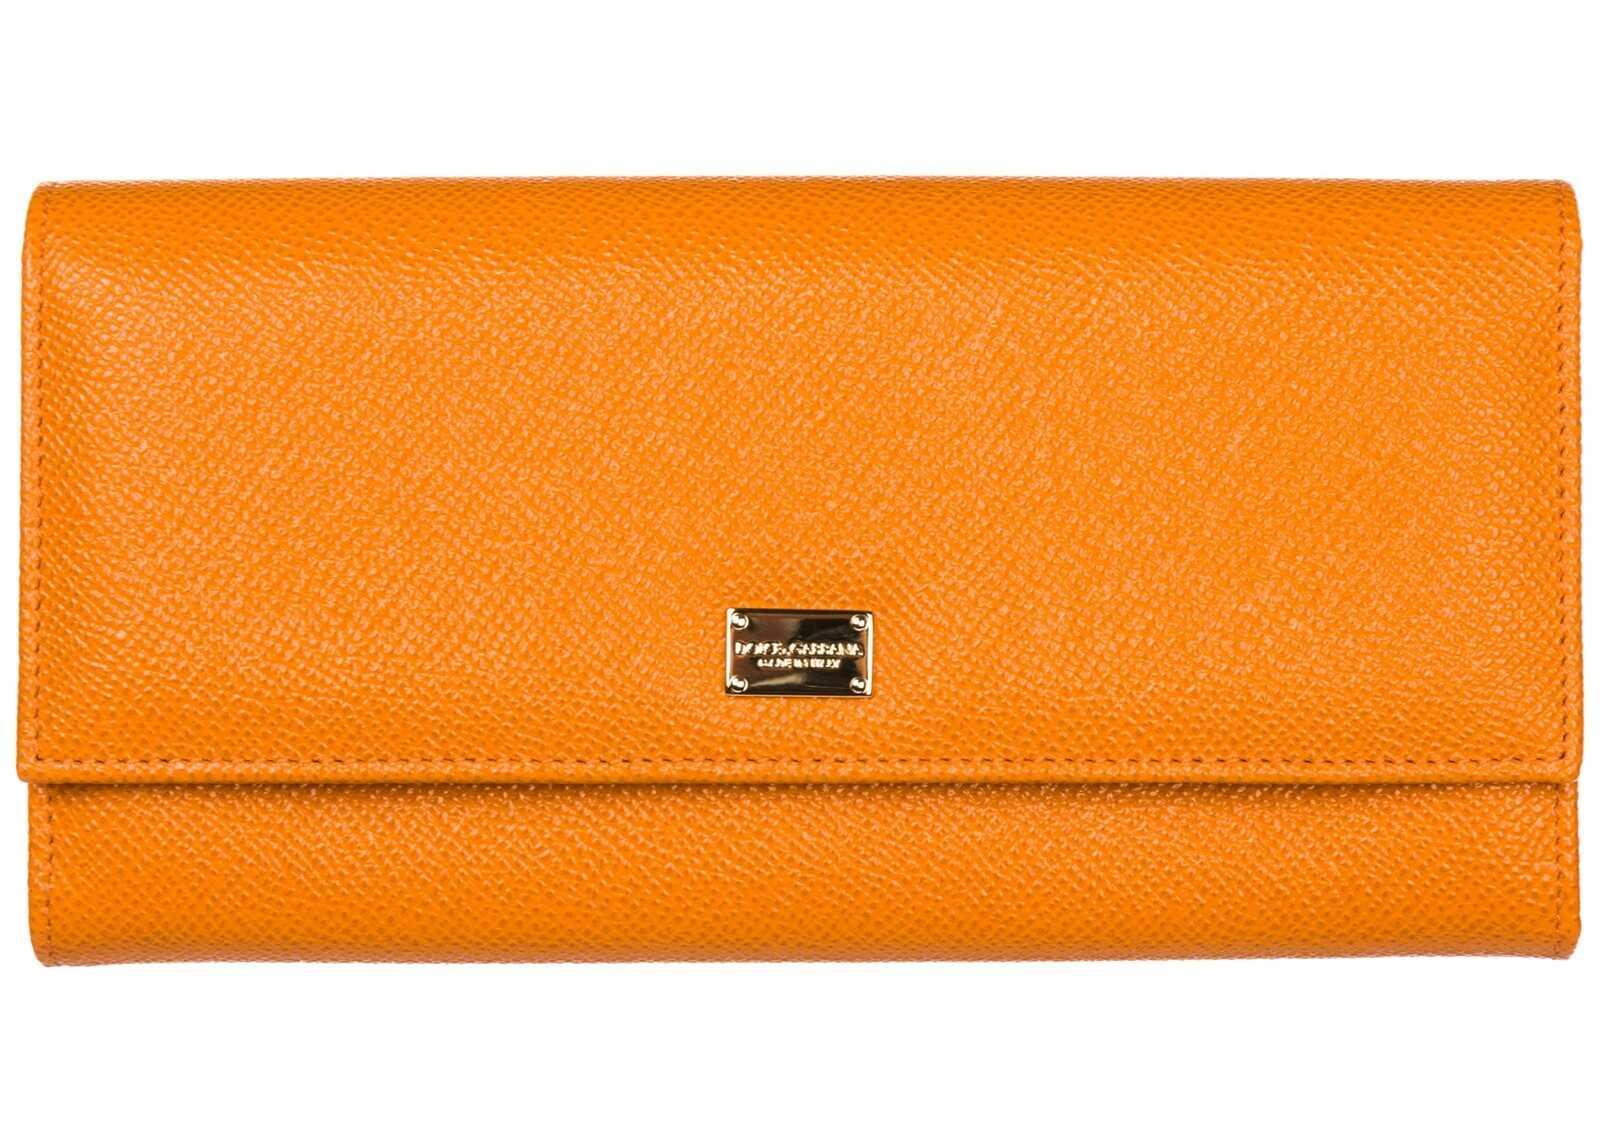 Dolce & Gabbana Purse Card Orange